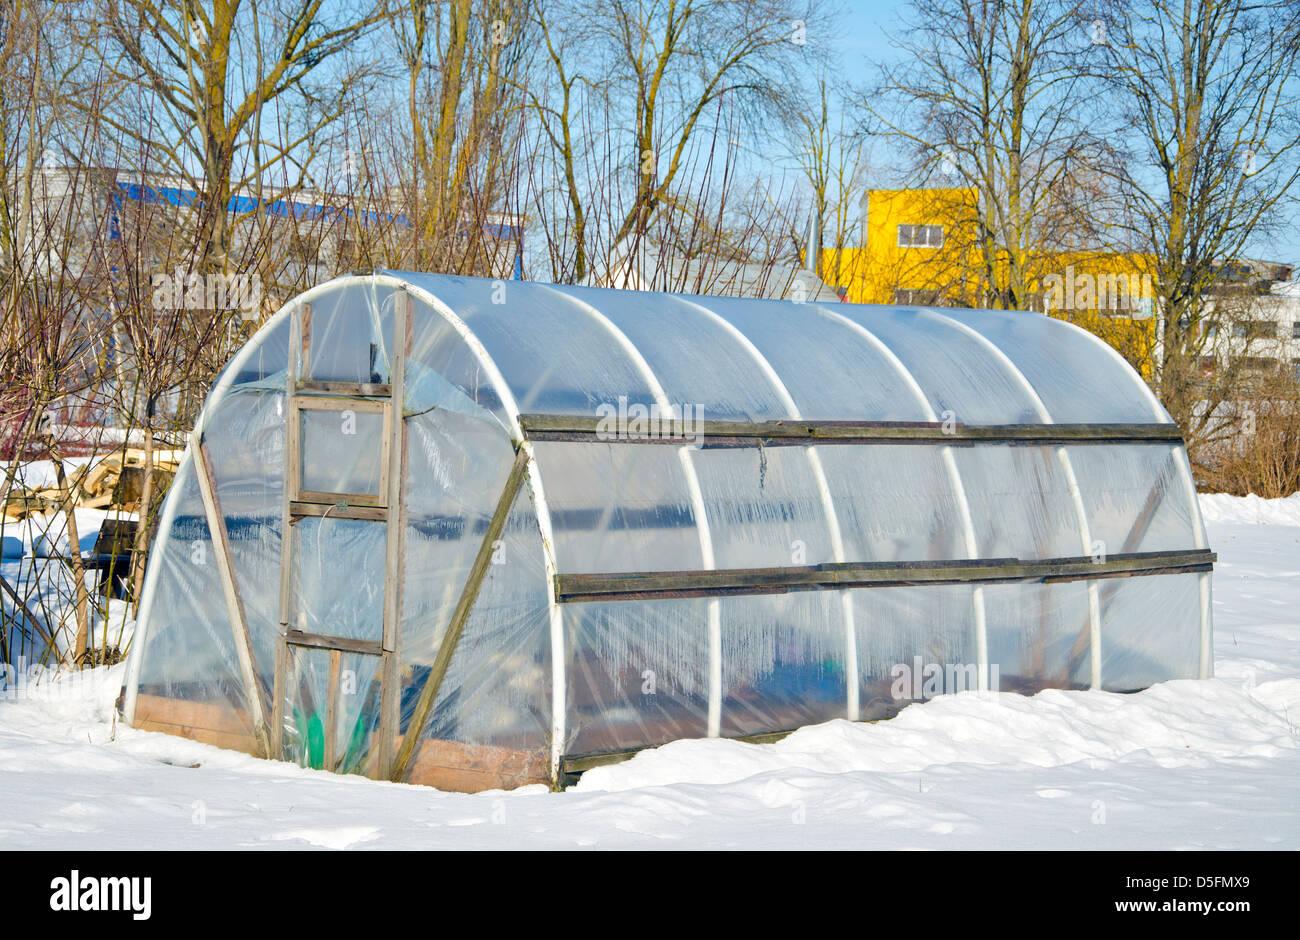 Handgemachte Polyethylen Gewachshaus Fur Gemuse Im Winter Auf Schnee